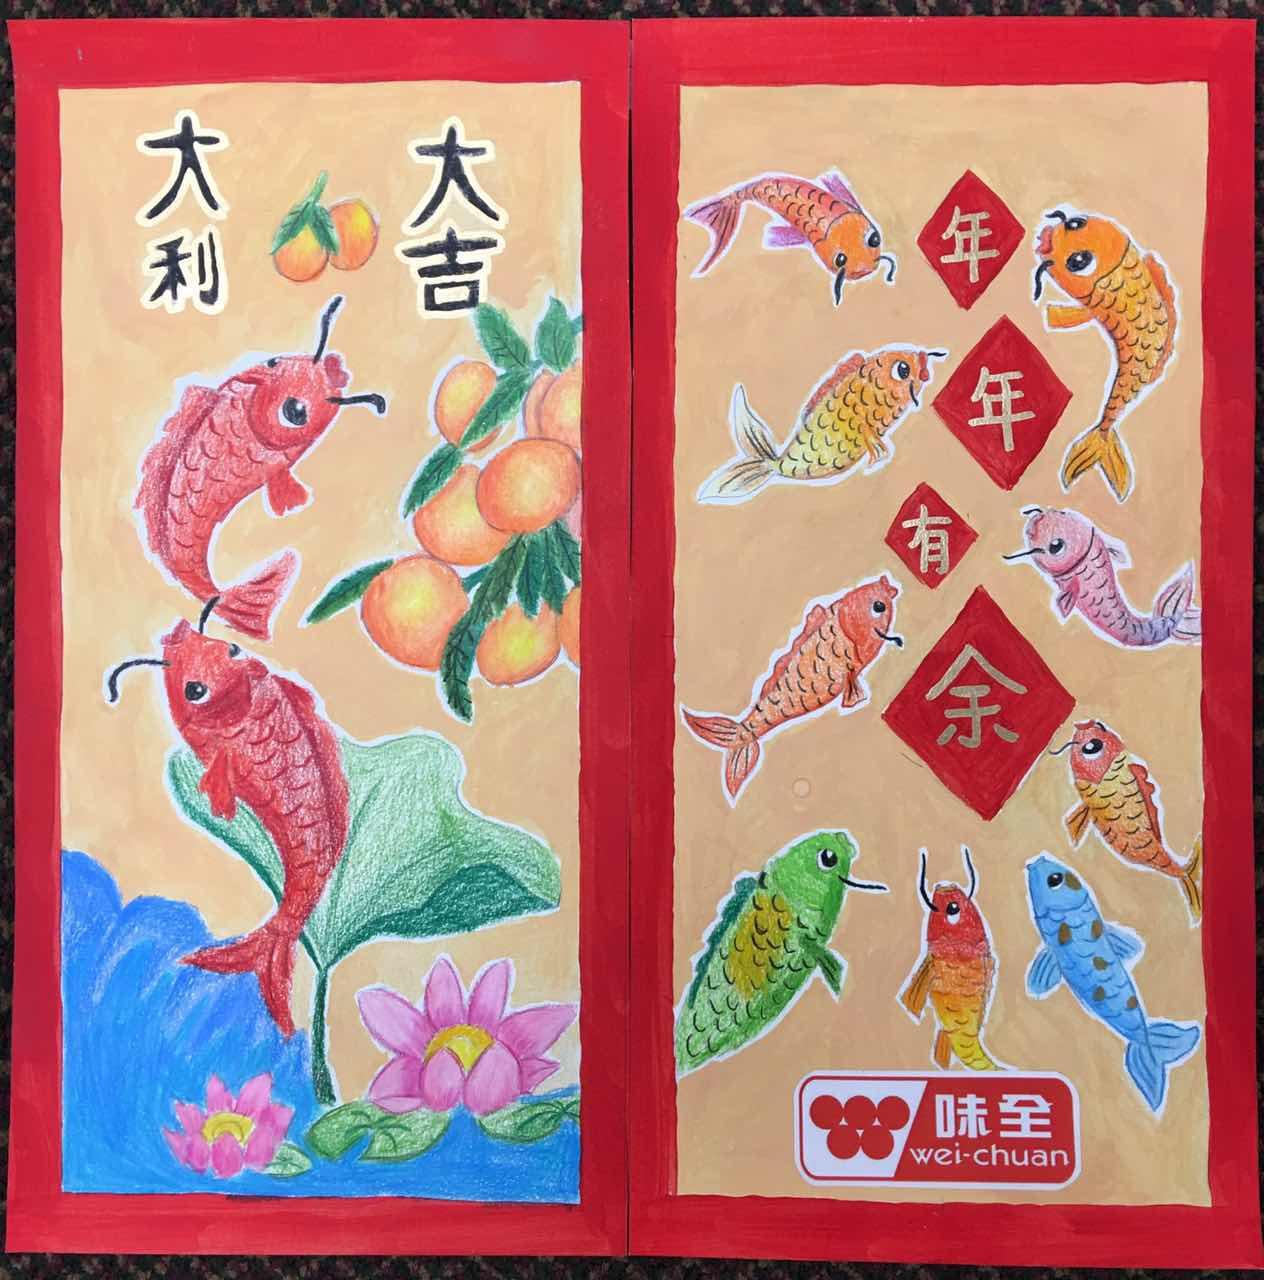 兒童組 - Yafei Lei (左老師藝術工作室)